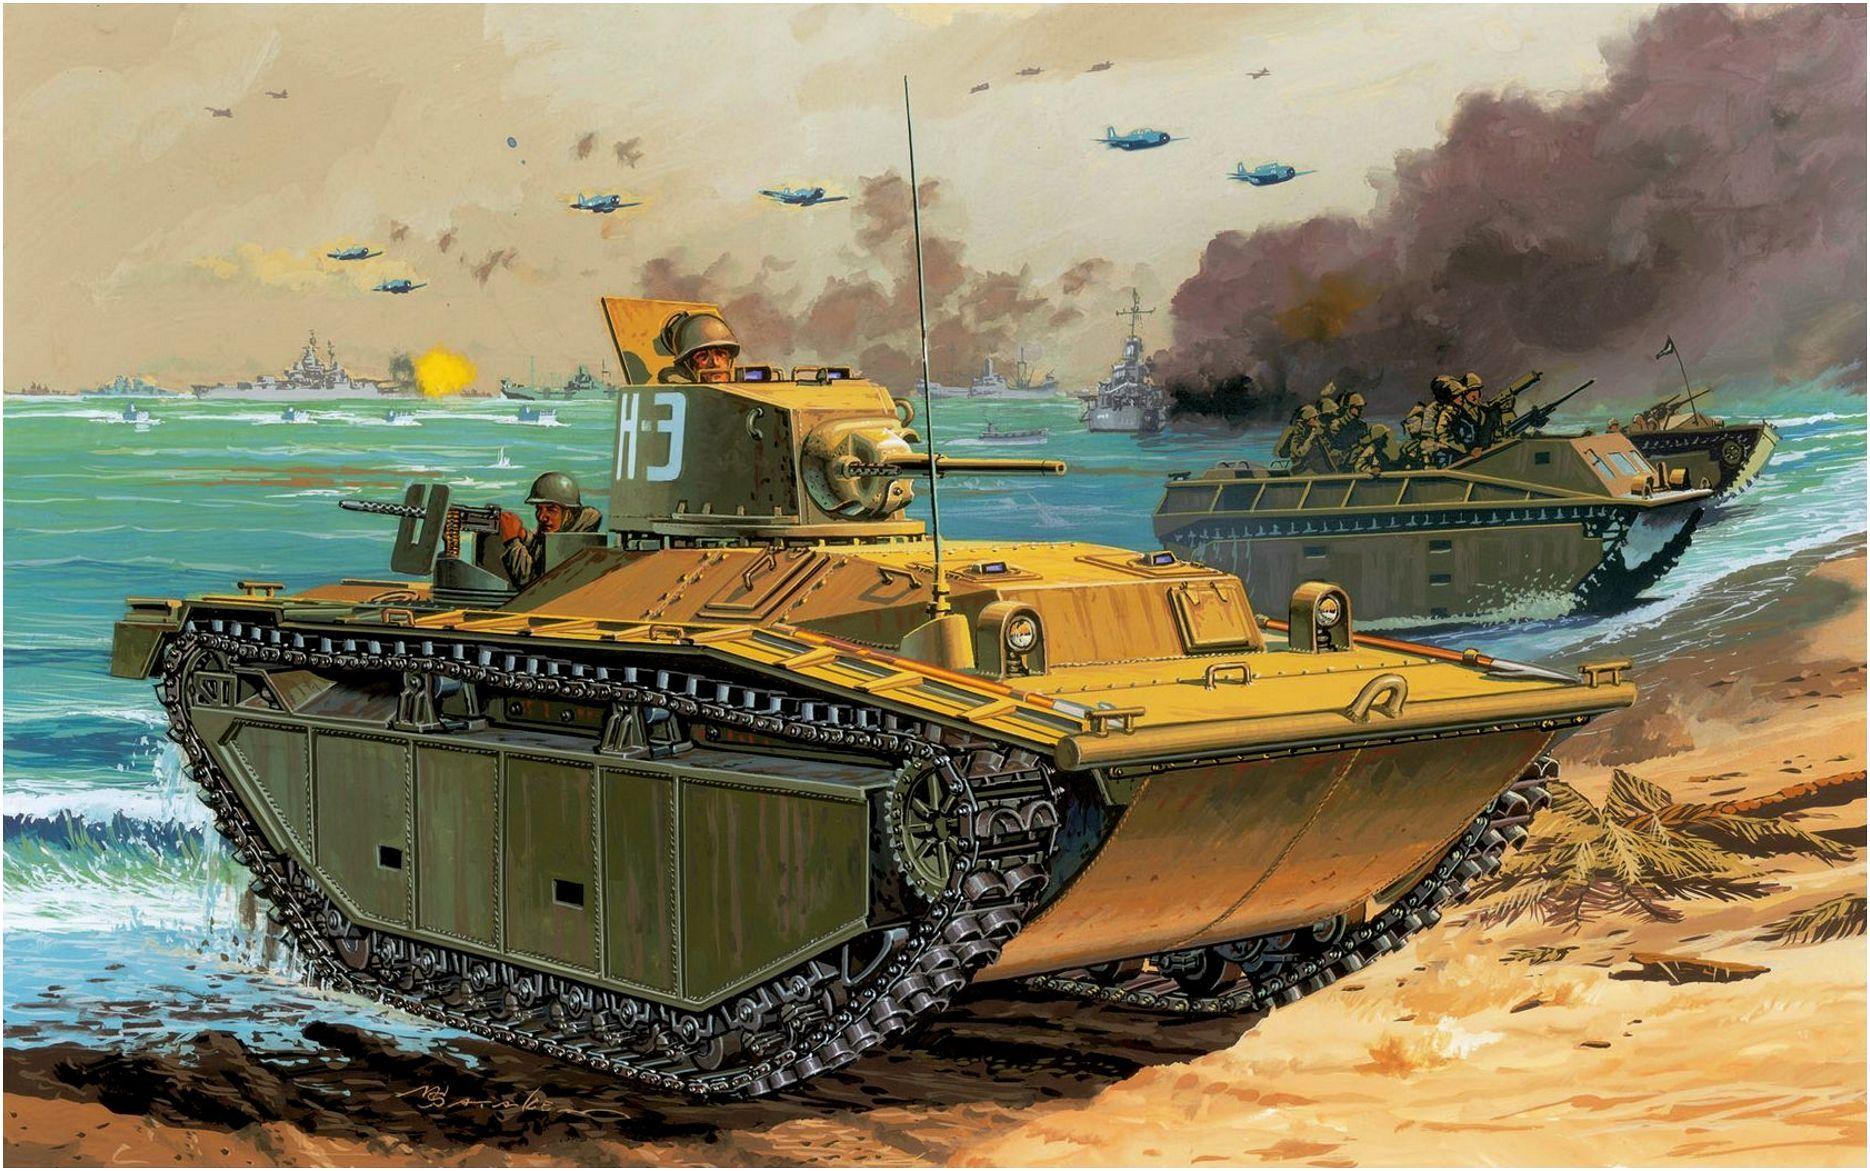 D192A42F-D1FF-49E3-AA3B-DFE4F41A6B27.jpeg